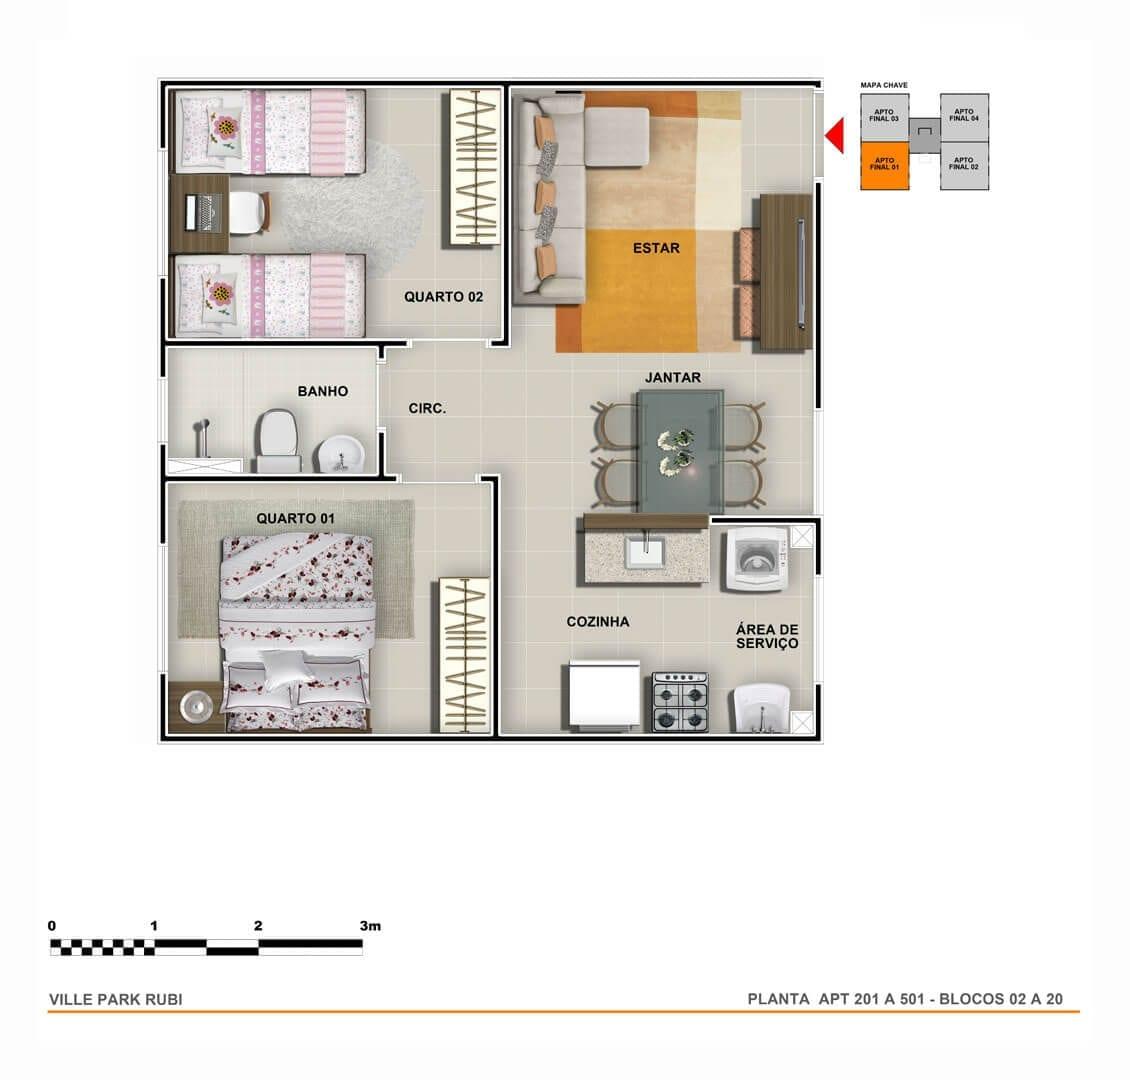 vic-engenharia-ville-park-rubi-apartamento-tipo-01